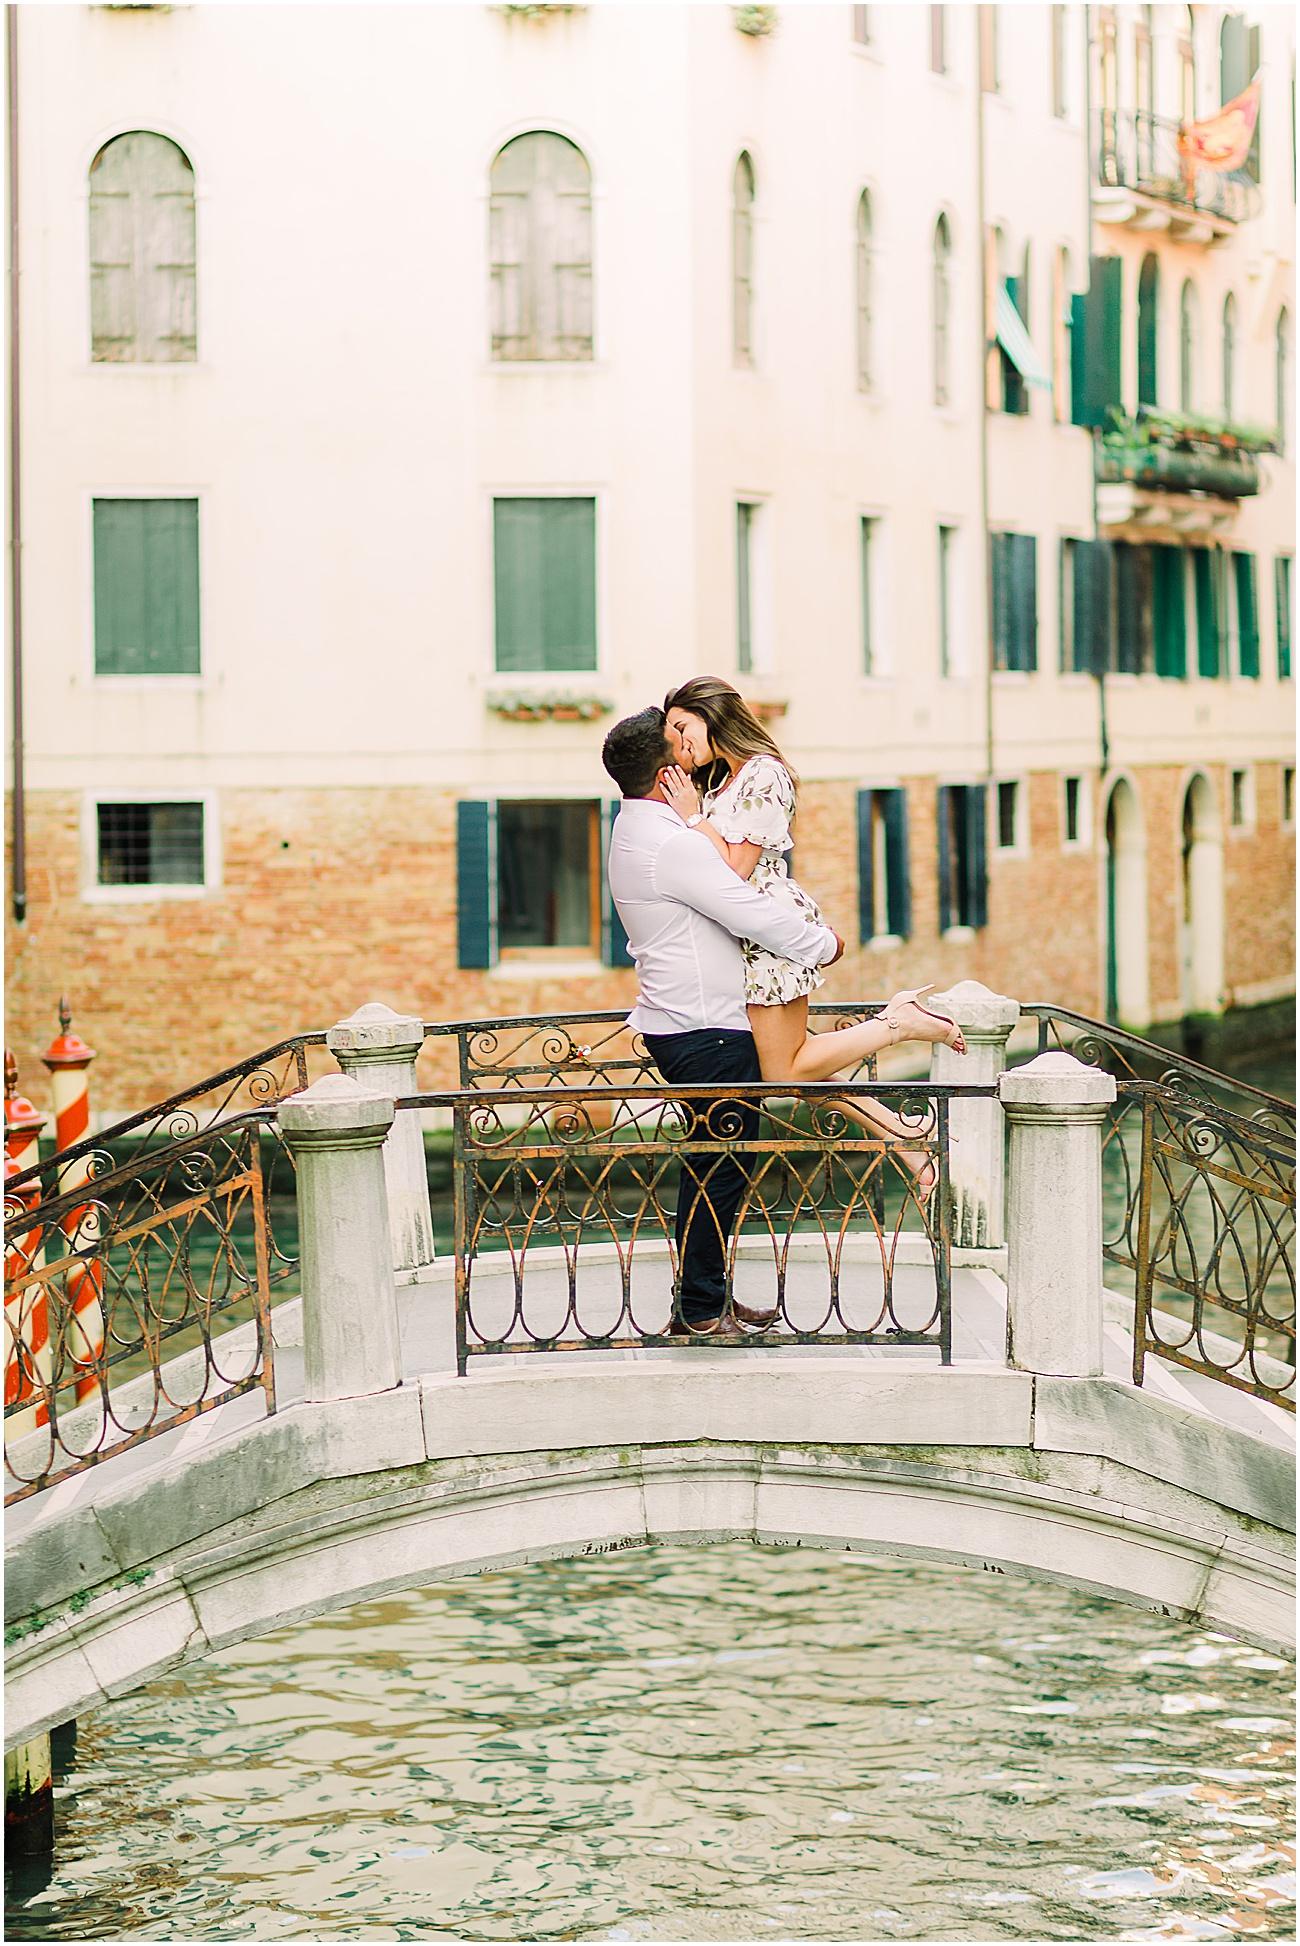 couple-lifestyle-photoshoot-in-venice-gondola-sunrise-stefano-degirmenci_0152.jpg